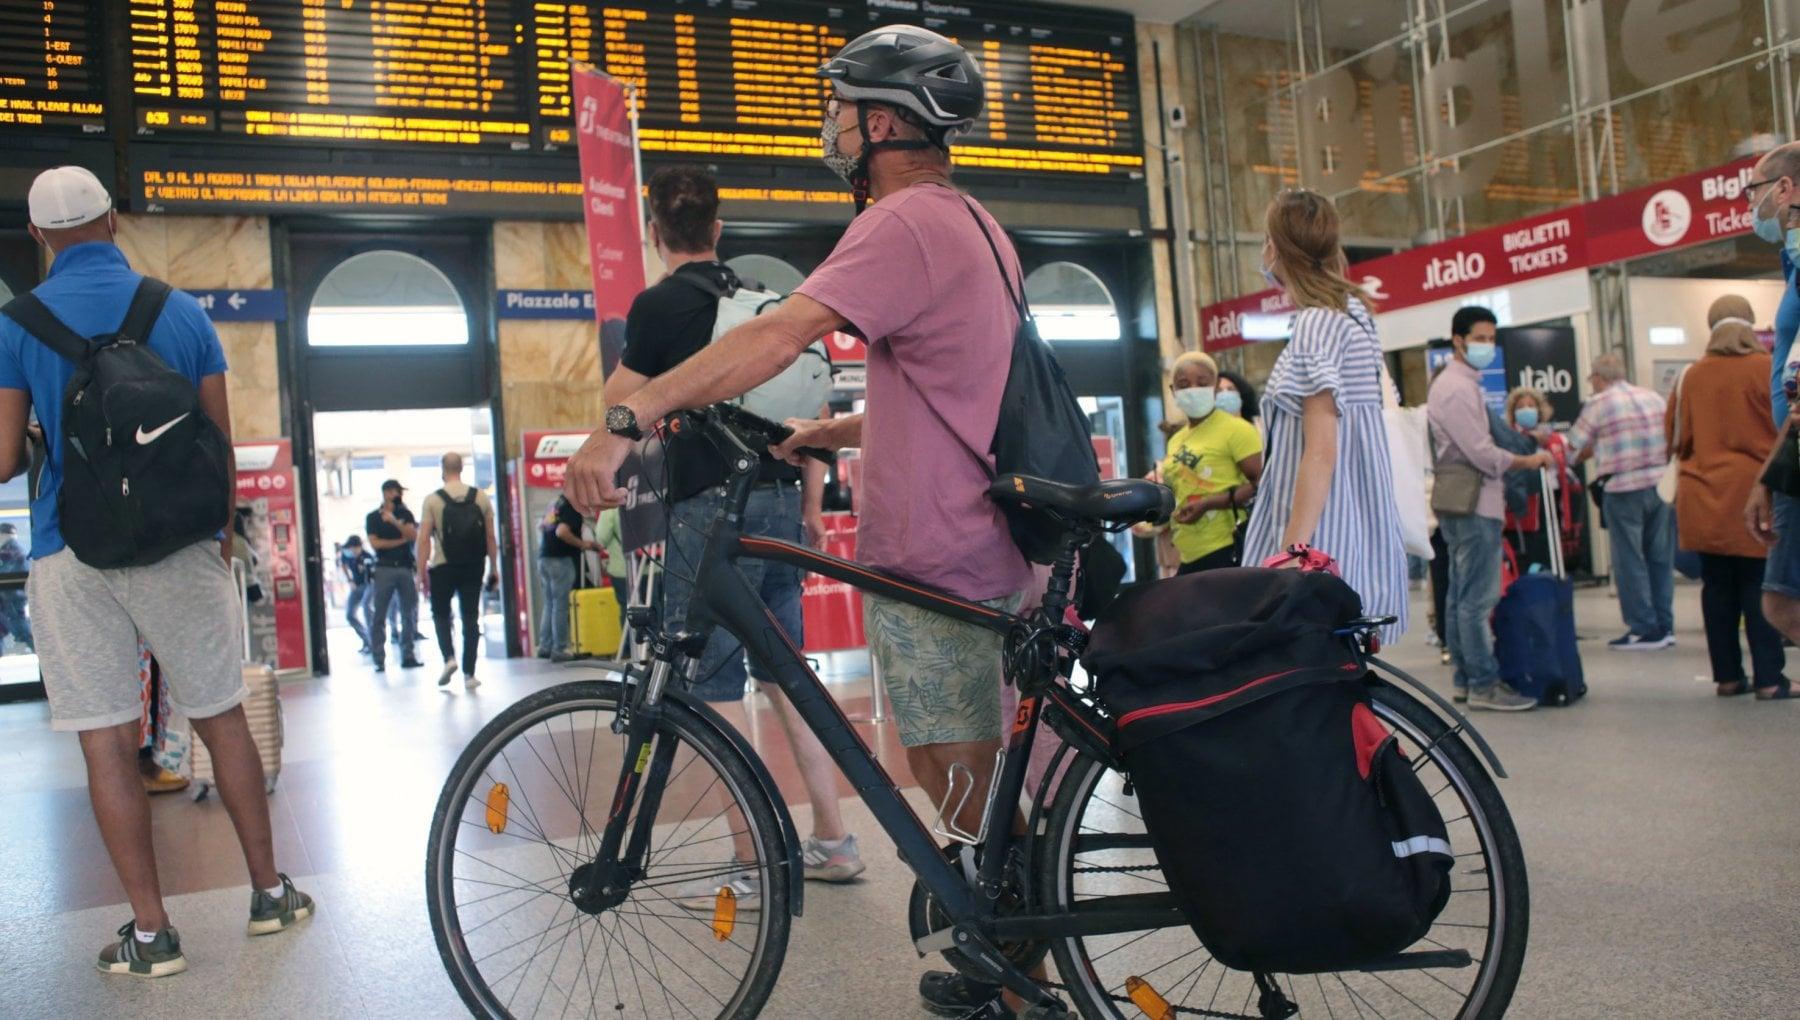 094148453 f04f16cc 3300 4f62 92b8 ffeee801bc9f - Priorità a pedoni e ciclisti agli incroci: così cambiano le strade inglesi